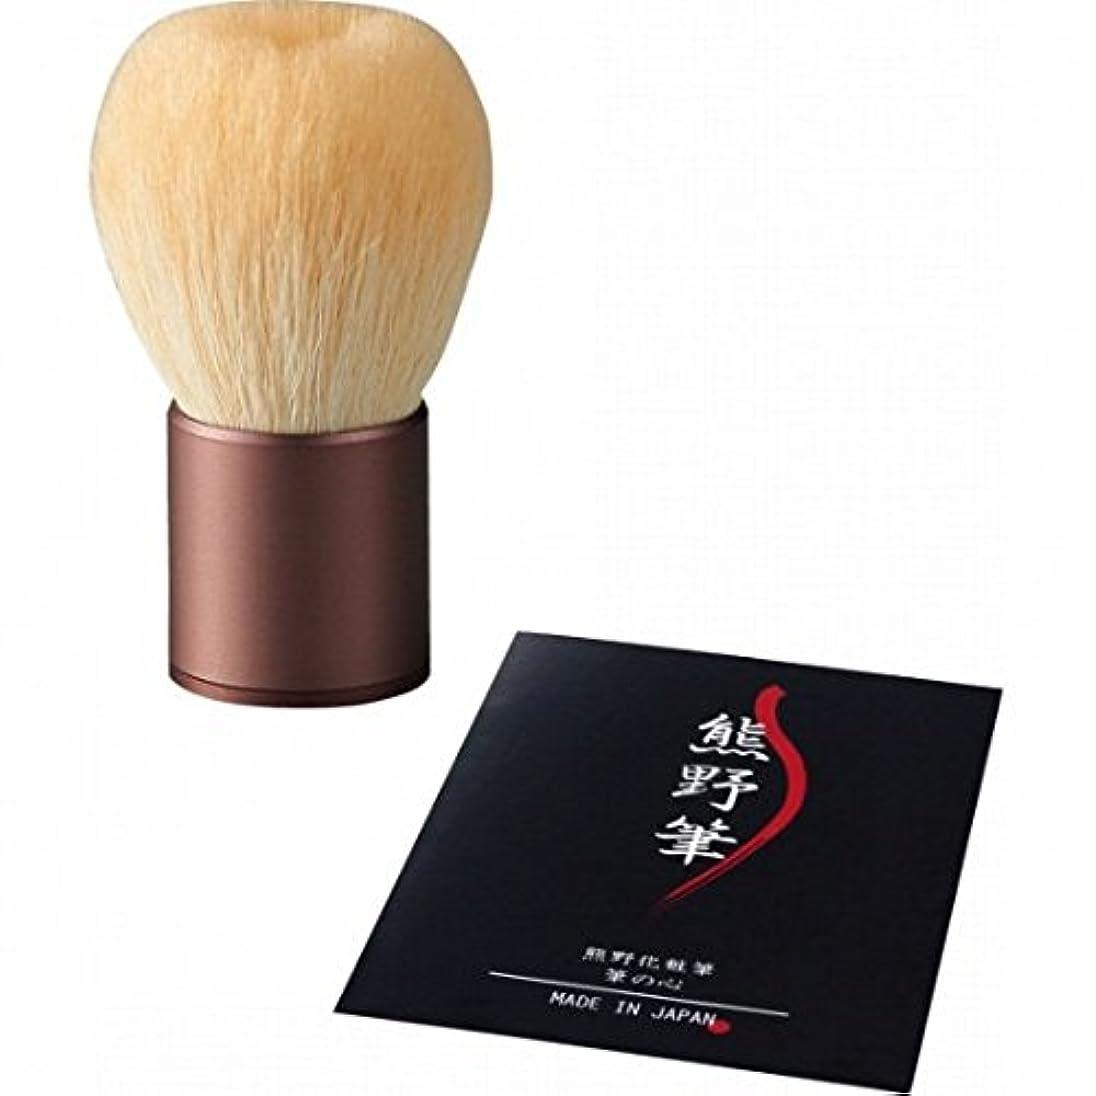 トラップカスケード損なうnobrand 熊野化粧筆 筆の心 洗顔ブラシ コスメ その他 (KFi-100FB)